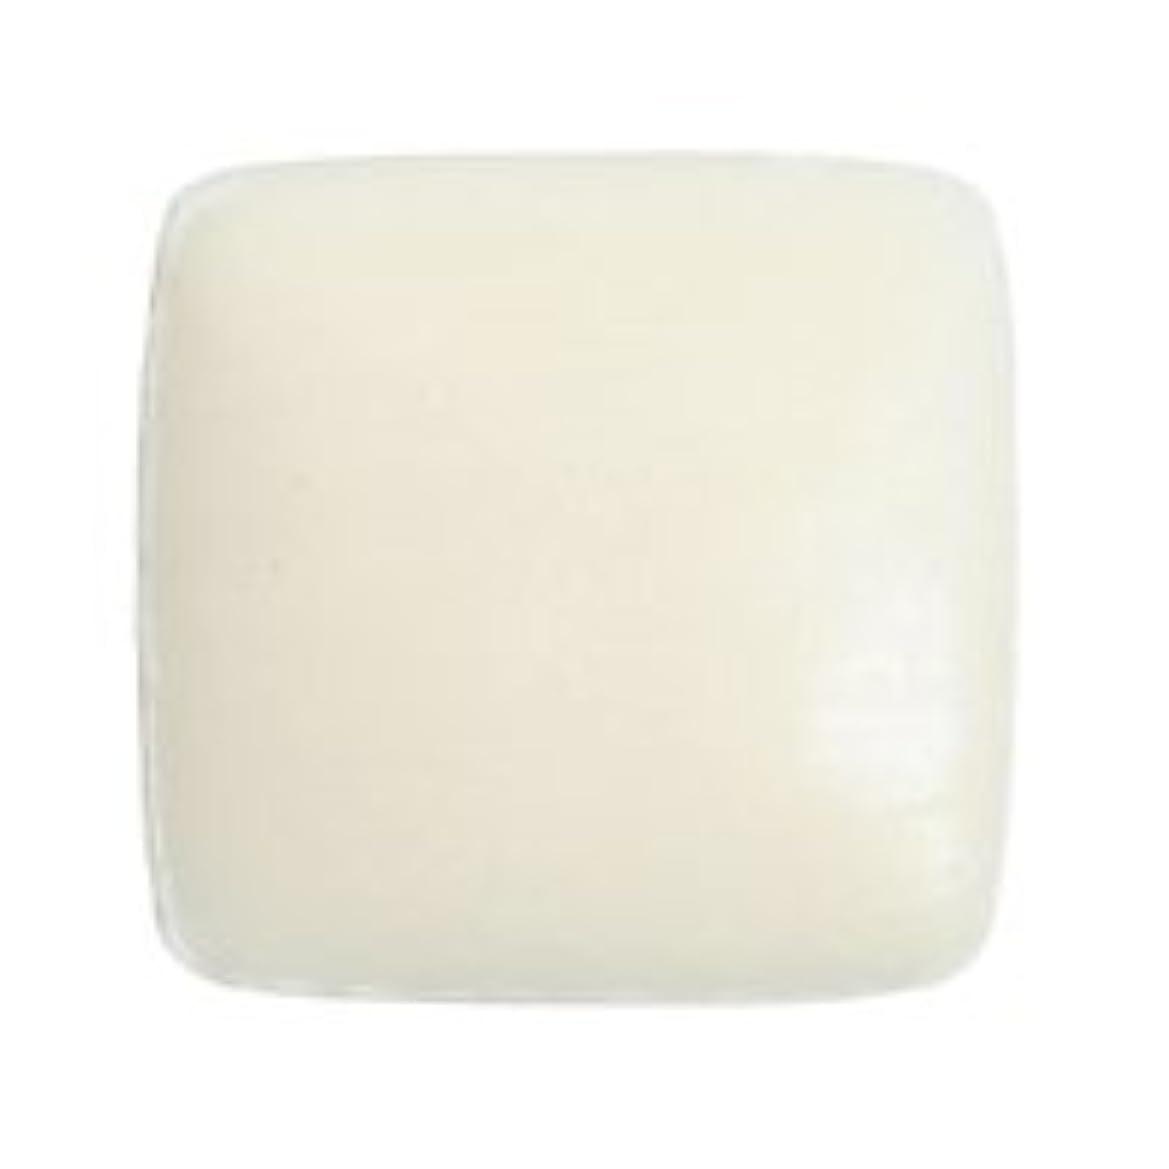 タイルショートカットかもめドクターY ホワイトクレイソープ80g 固形石鹸